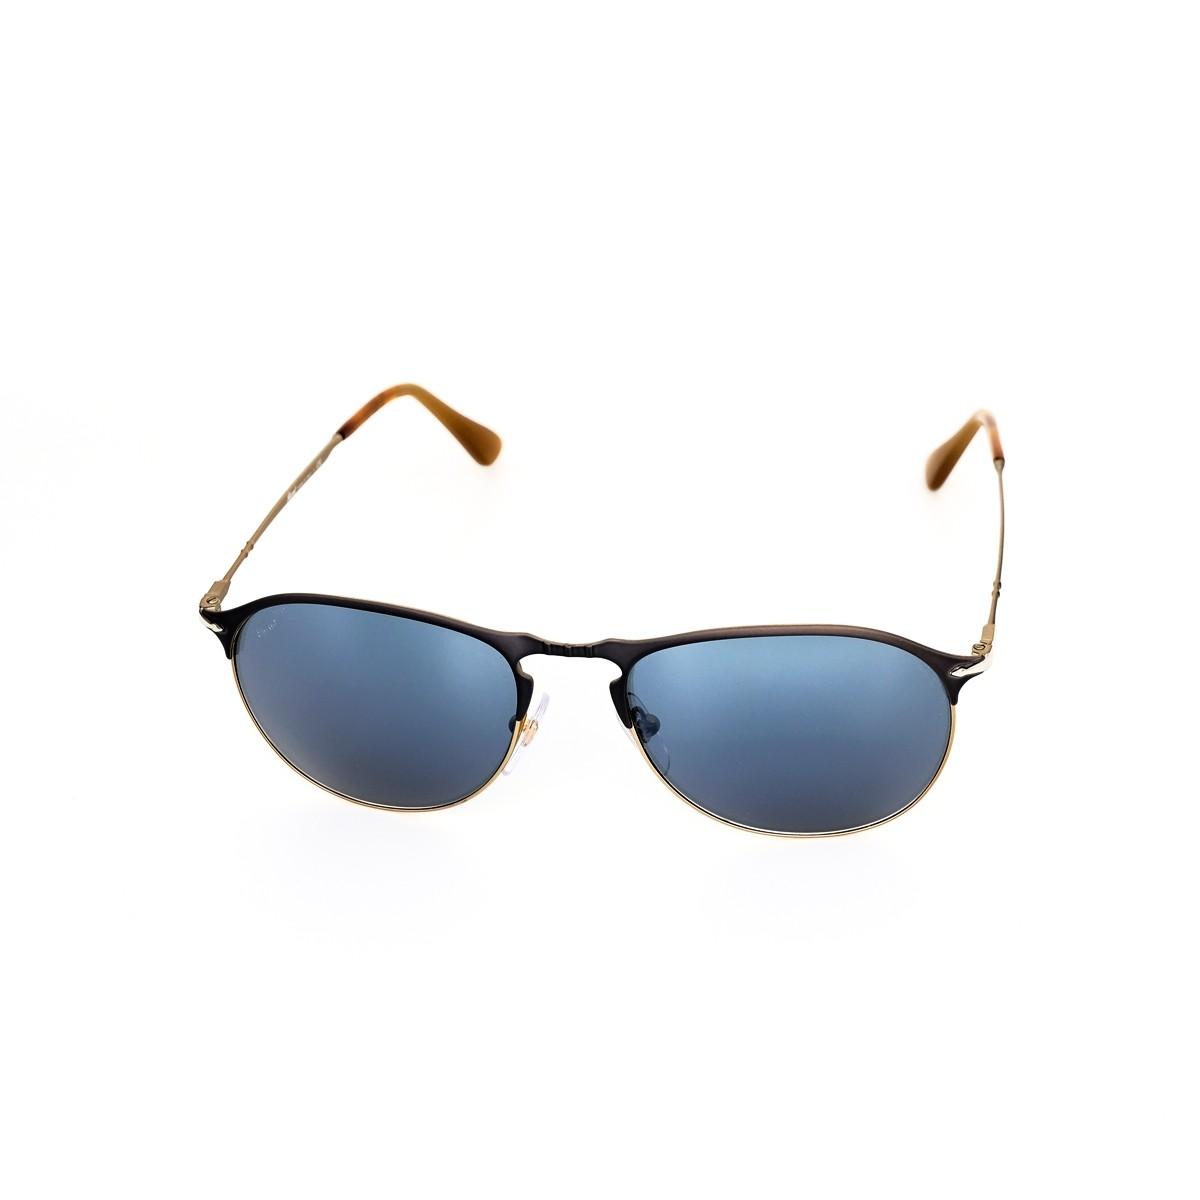 Persol 7649 1071/56, 141,00€, Occhiali Persol Blu a forma Goccia aviator